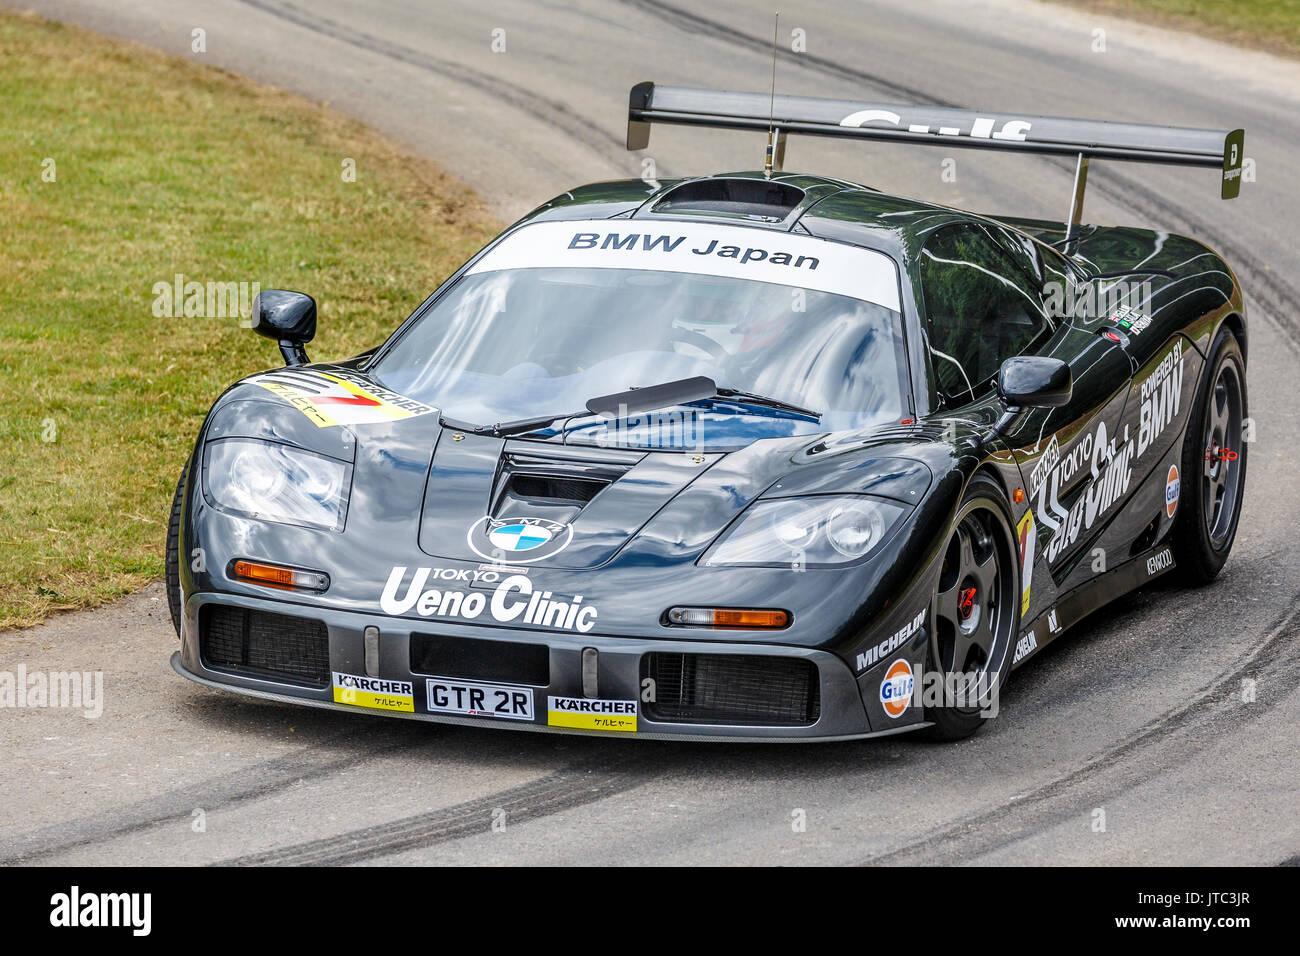 1995 McLaren F1 GTR Longtail Le Mans endurance racer with driver ...